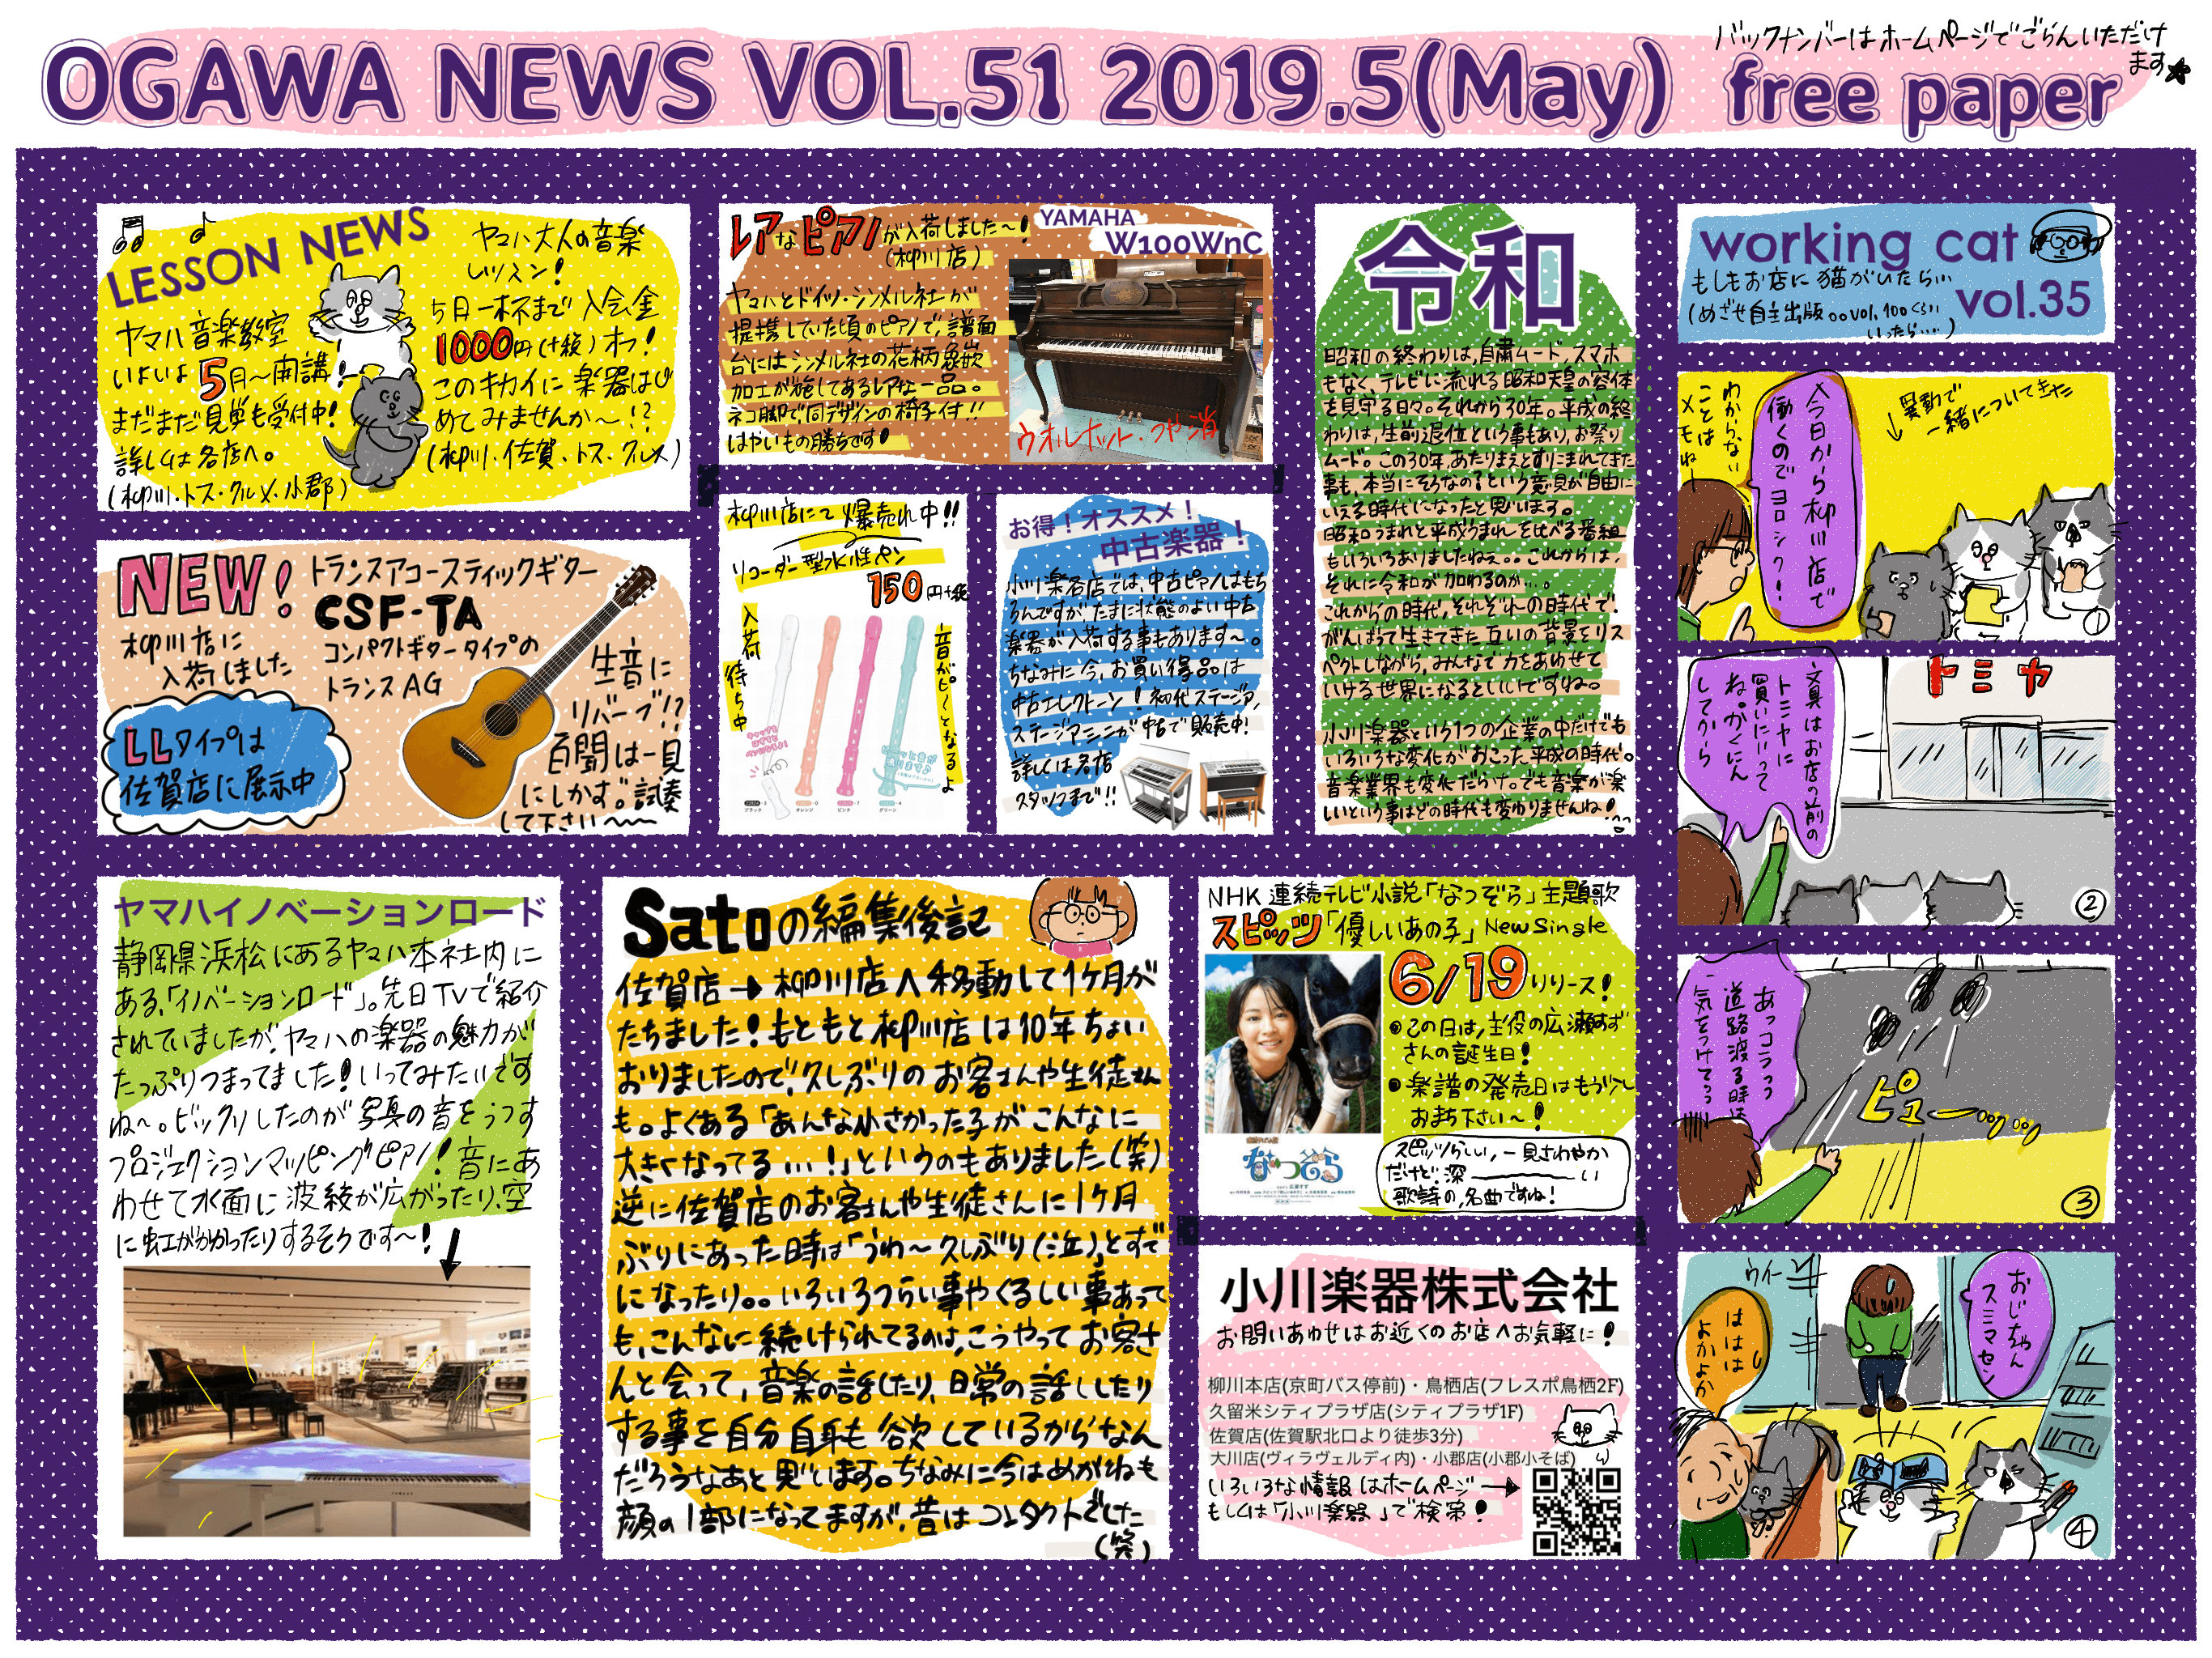 【柳川・佐賀店フリーペーパー】vol.51 2019年5月号